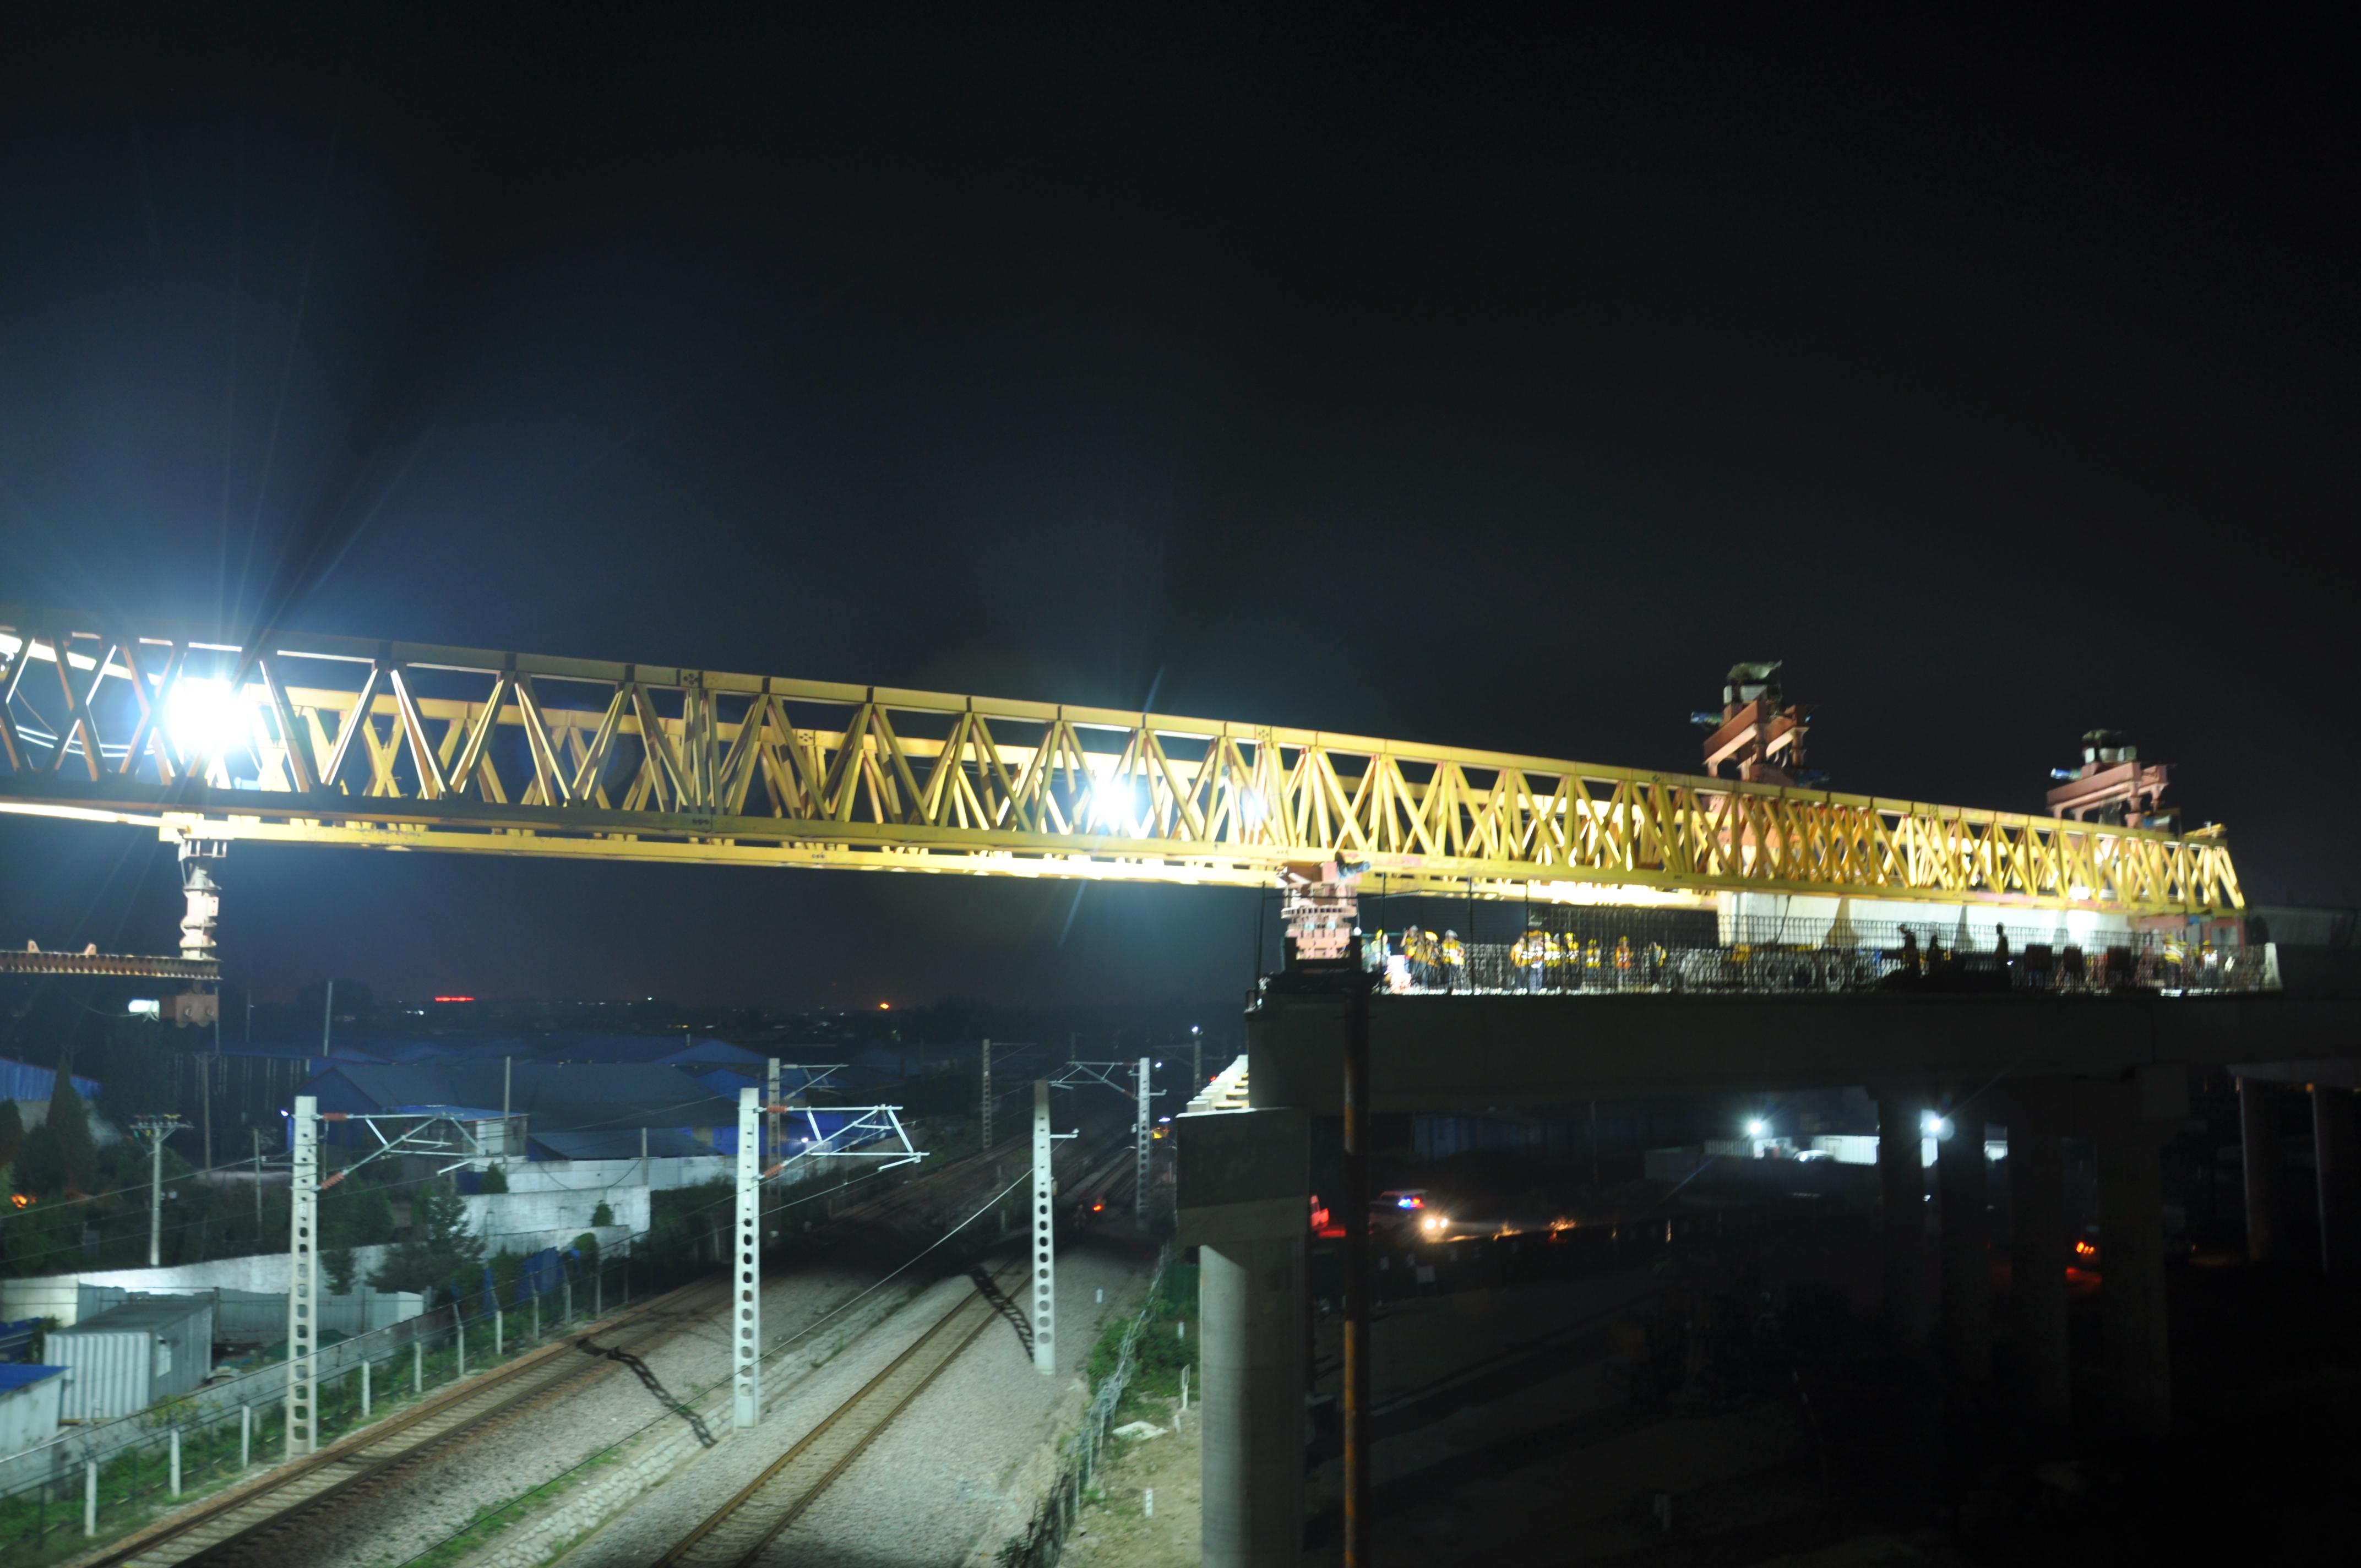 京沪高速改扩建工程跨兖石铁路桥主跨架梁全部完成